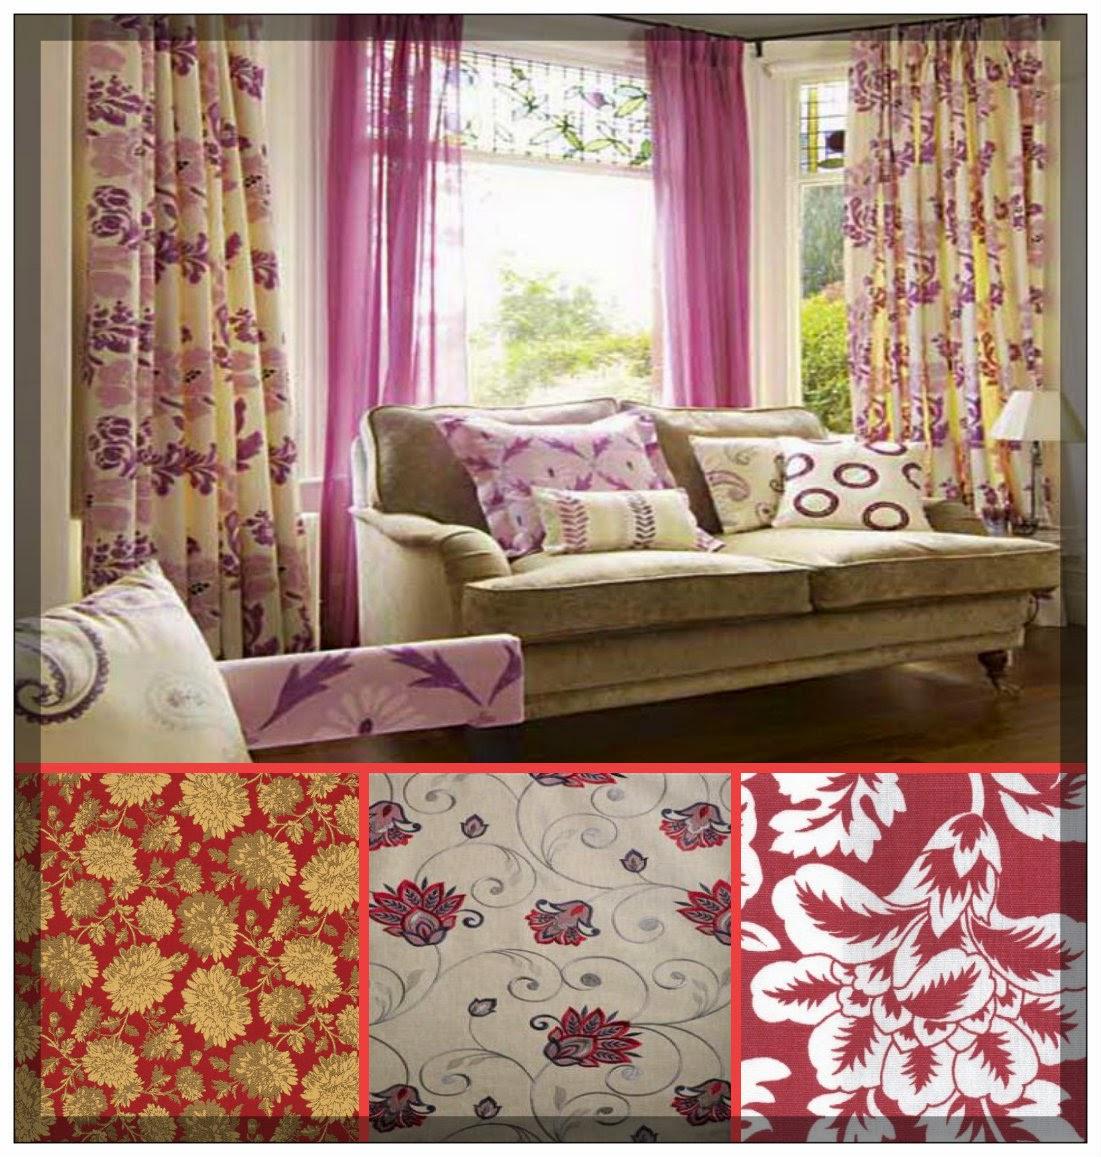 Home Decor Fabrics Online: Interior Decor & Home Decoration Ideas With Home Fabrics